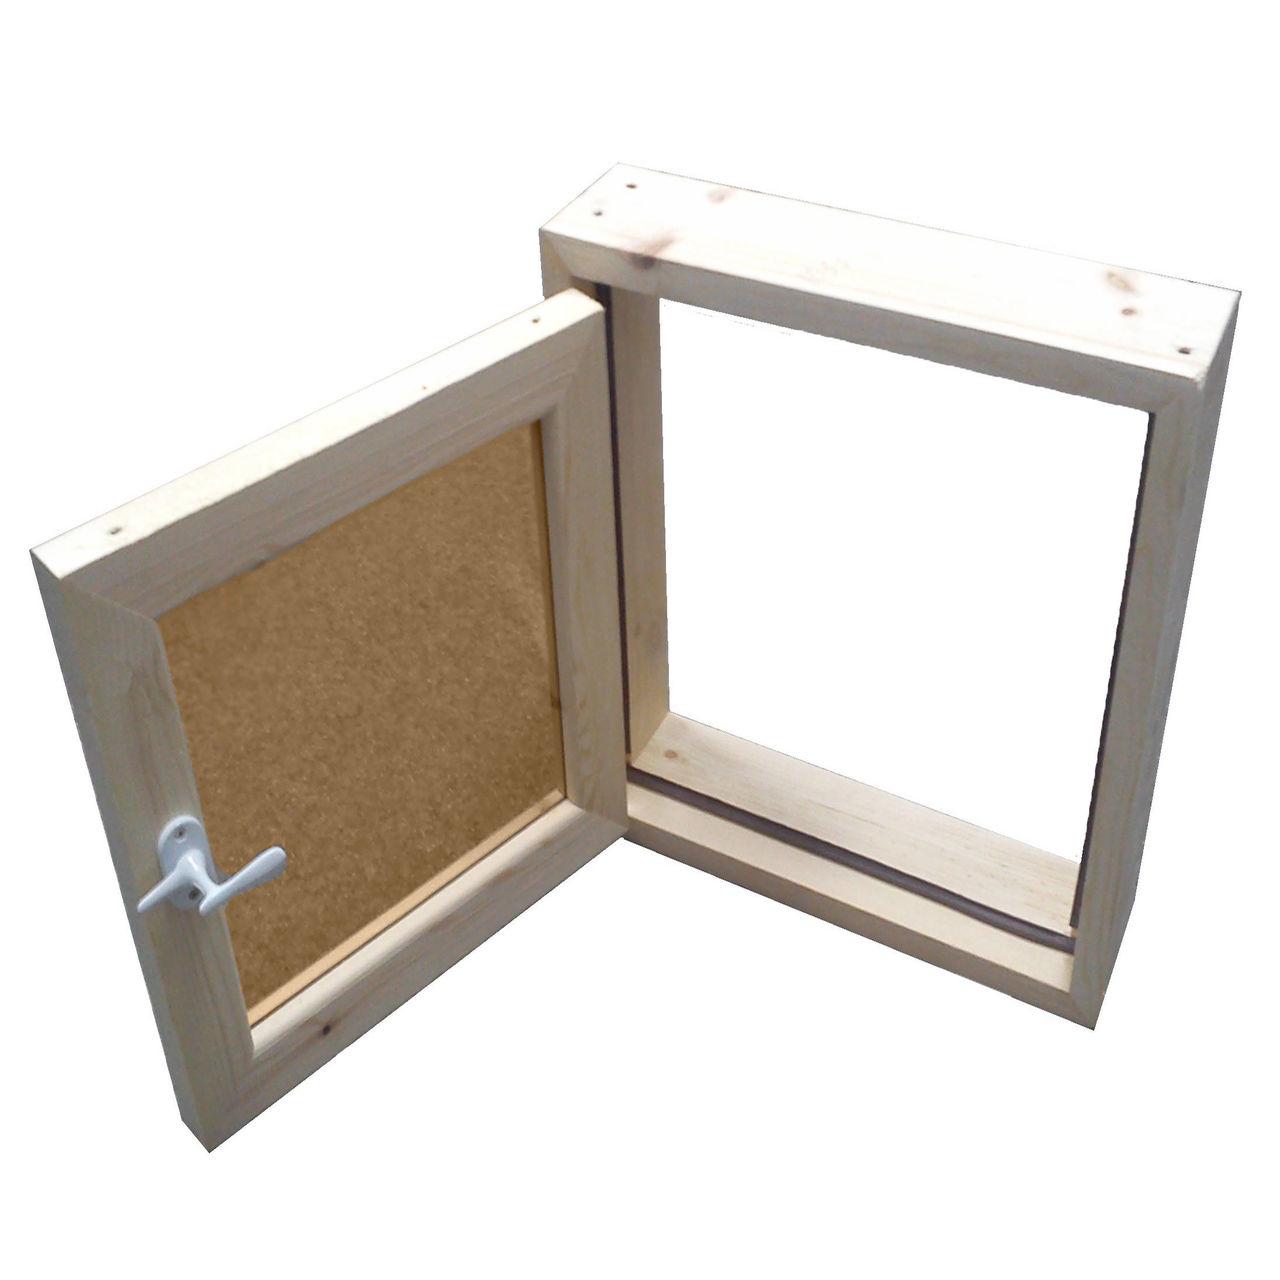 Пластиковые окна в бане - можно ли ставить и как правильно сделать